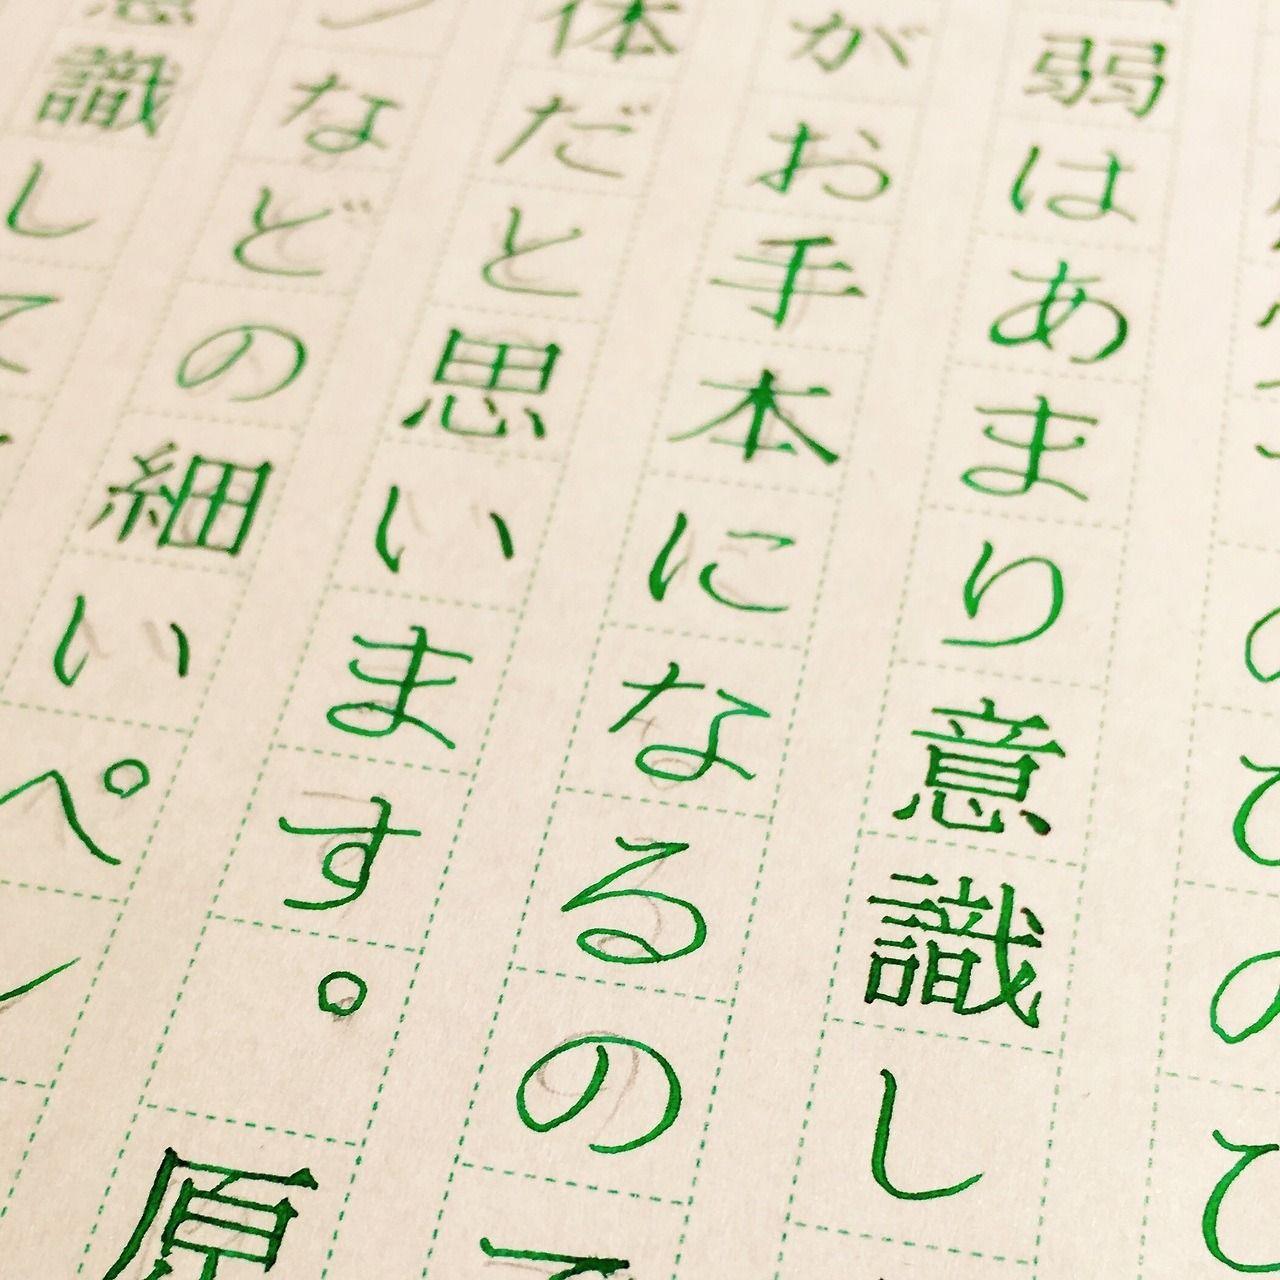 ボード 手書き のピン